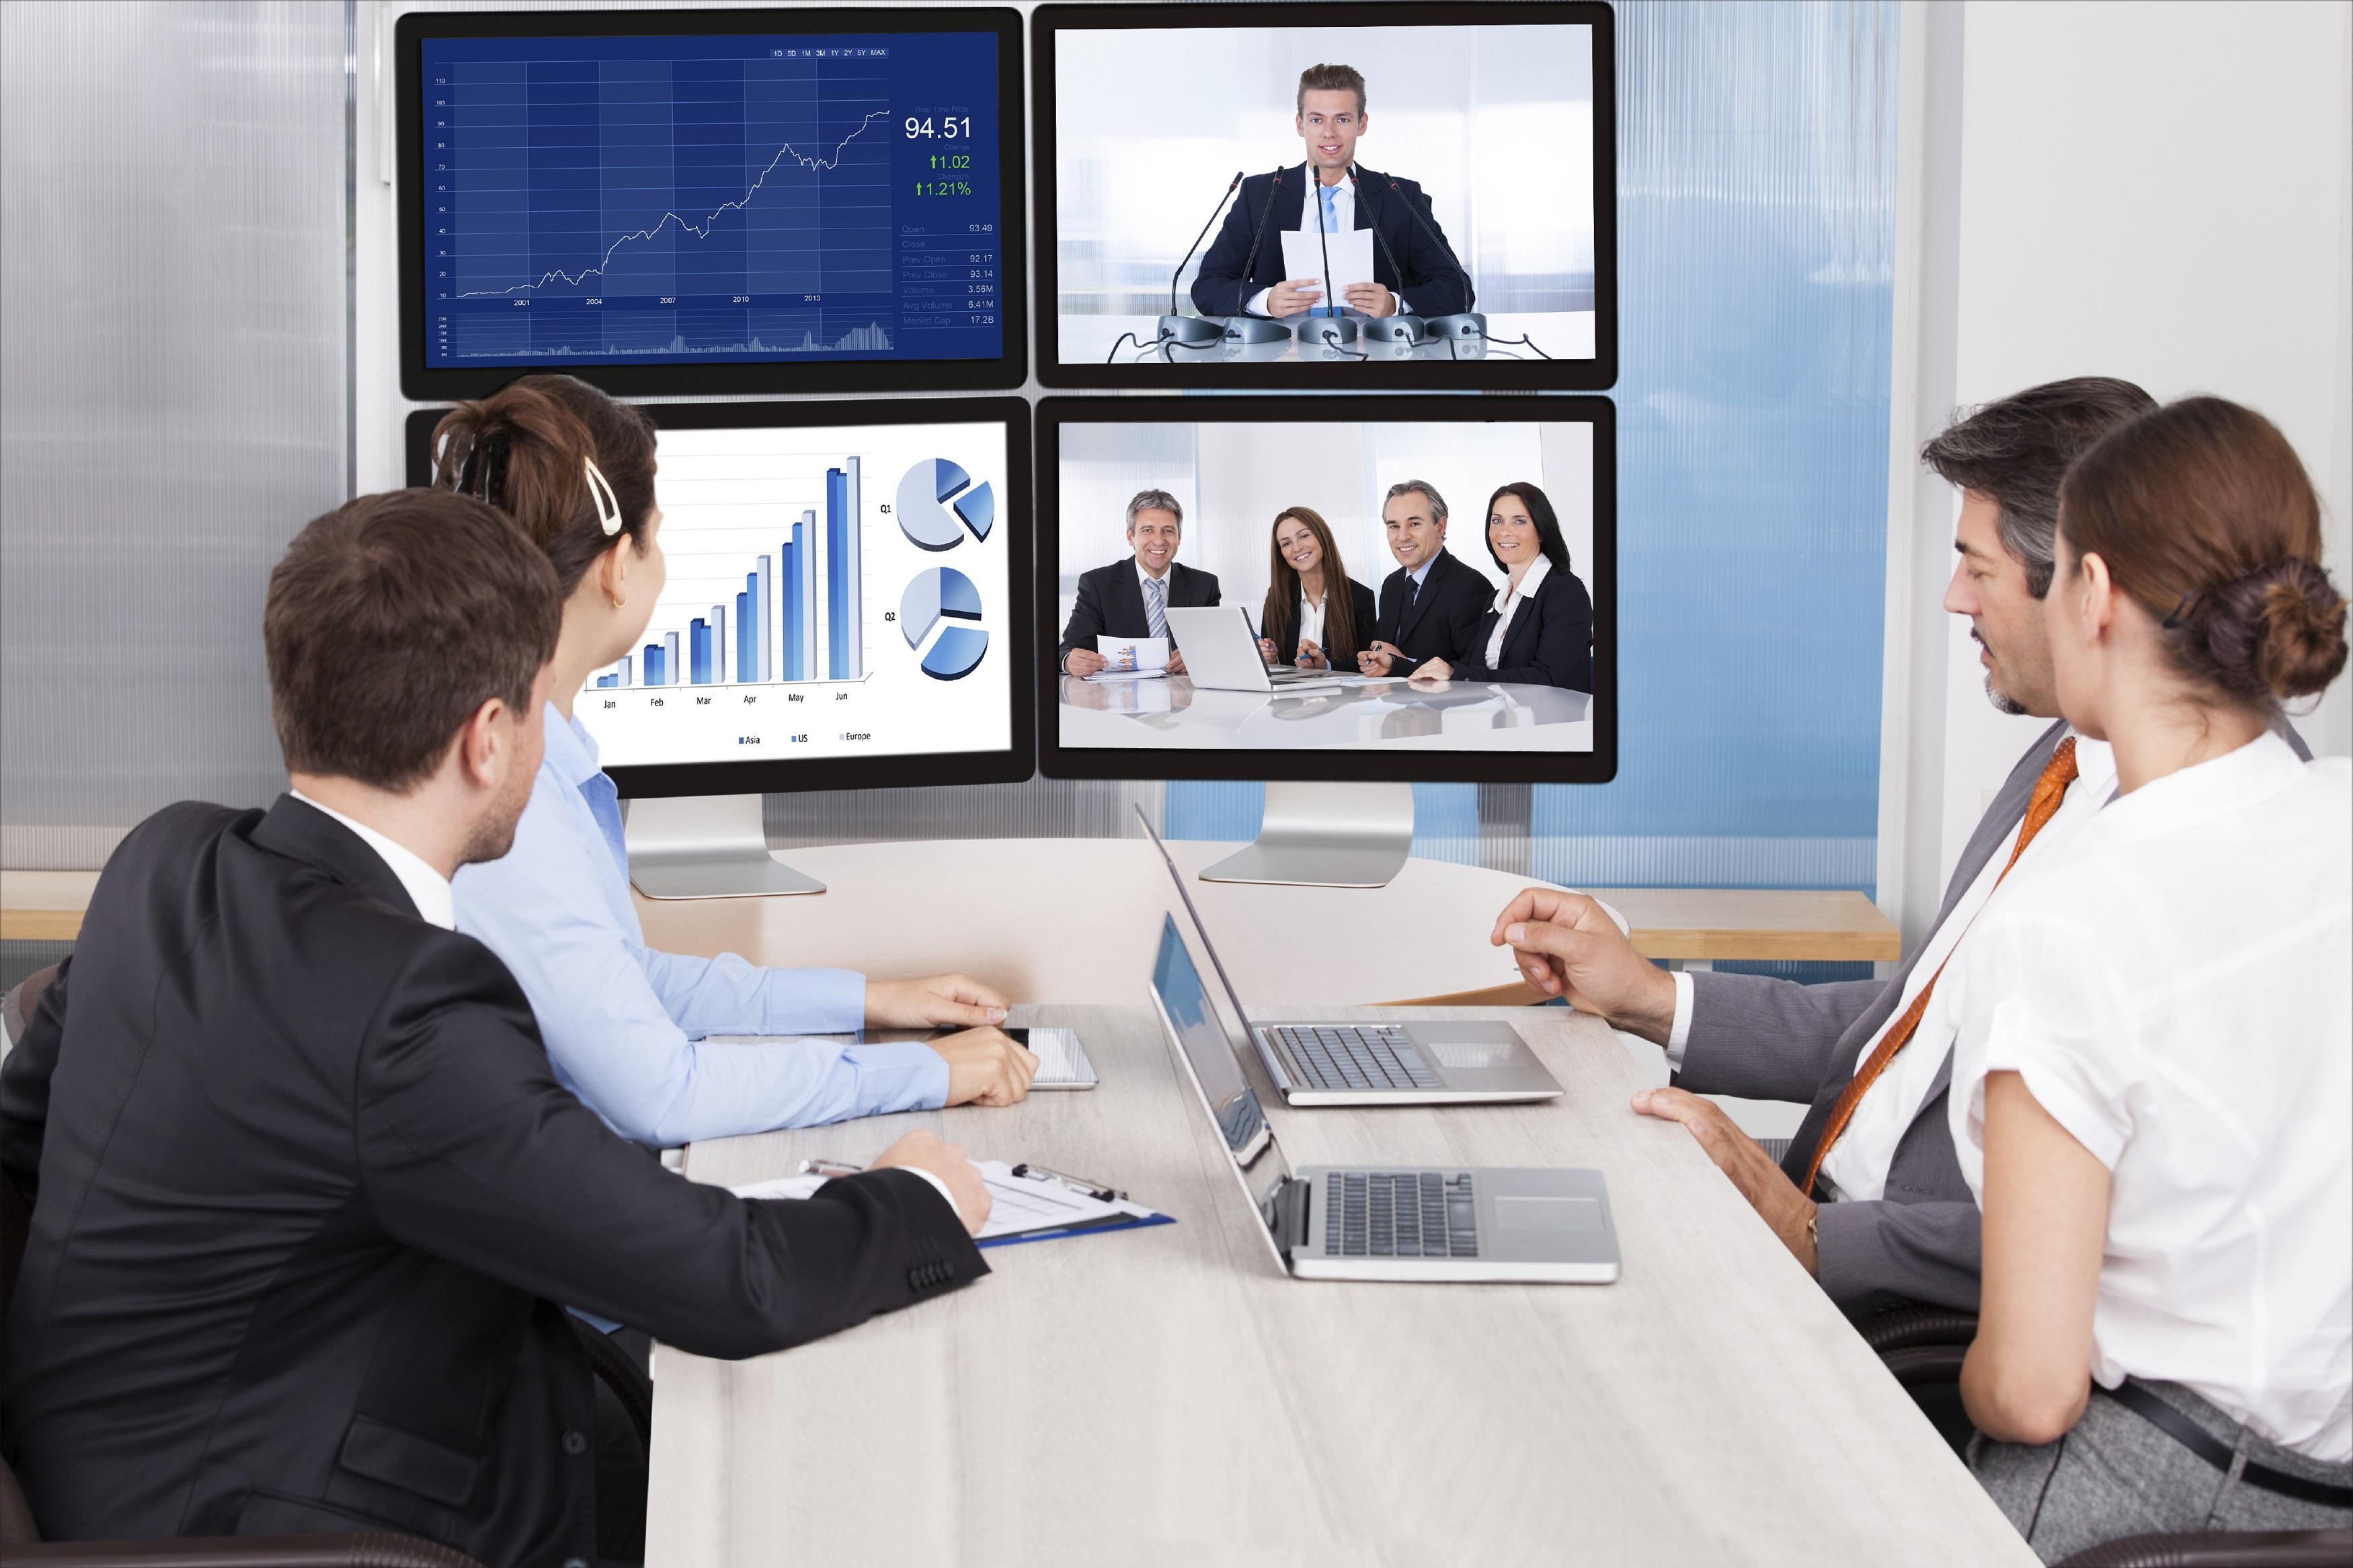 6 افسانه منسوخ شده راجع به جلسات آنلاین